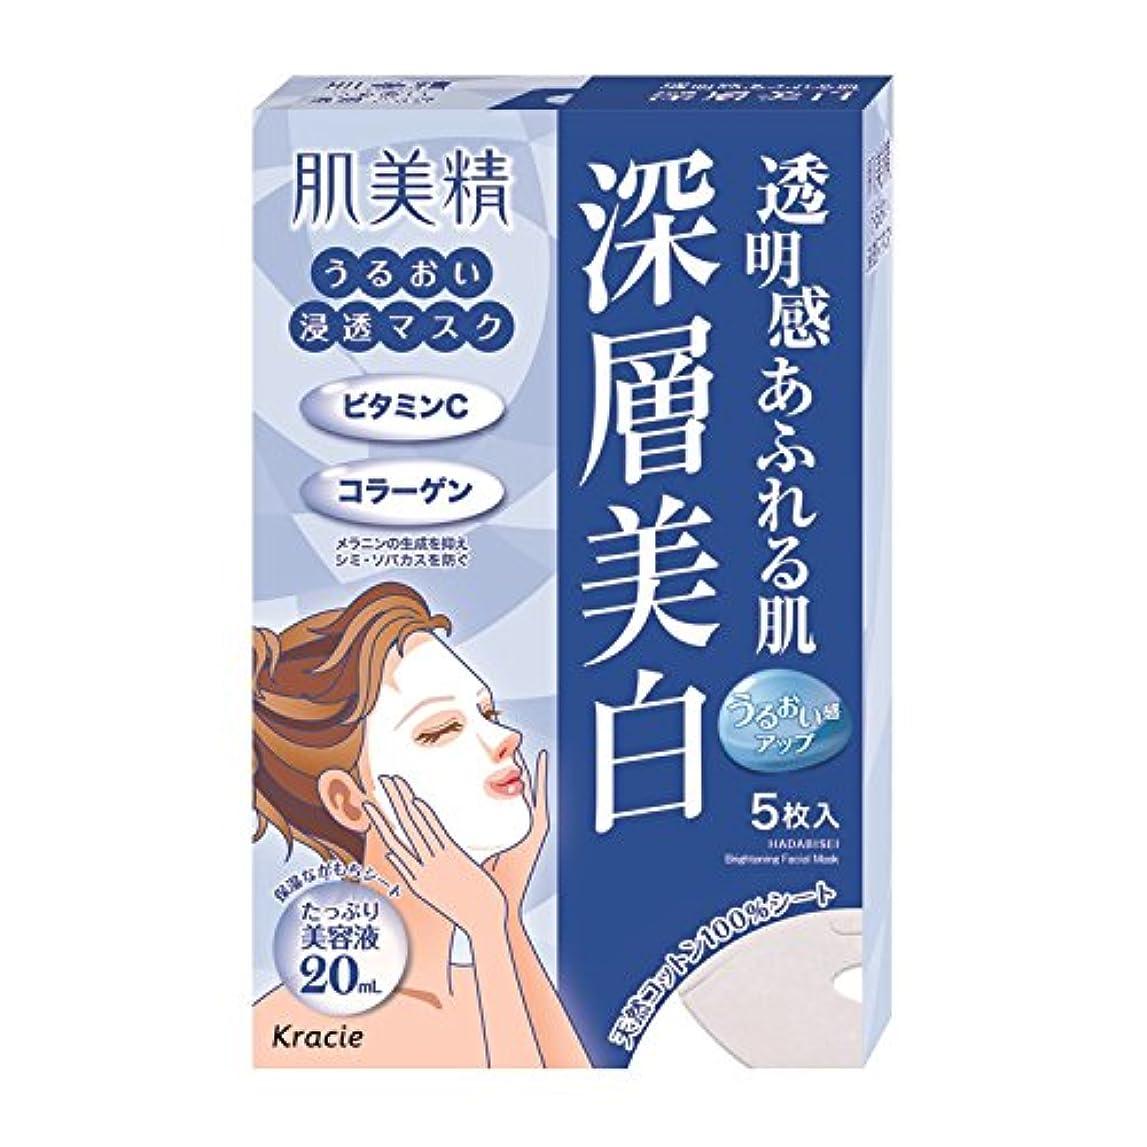 再生防止に負ける【まとめ買い】肌美精 うるおい浸透マスク(深層美白タイプ)5枚入 ×2セット